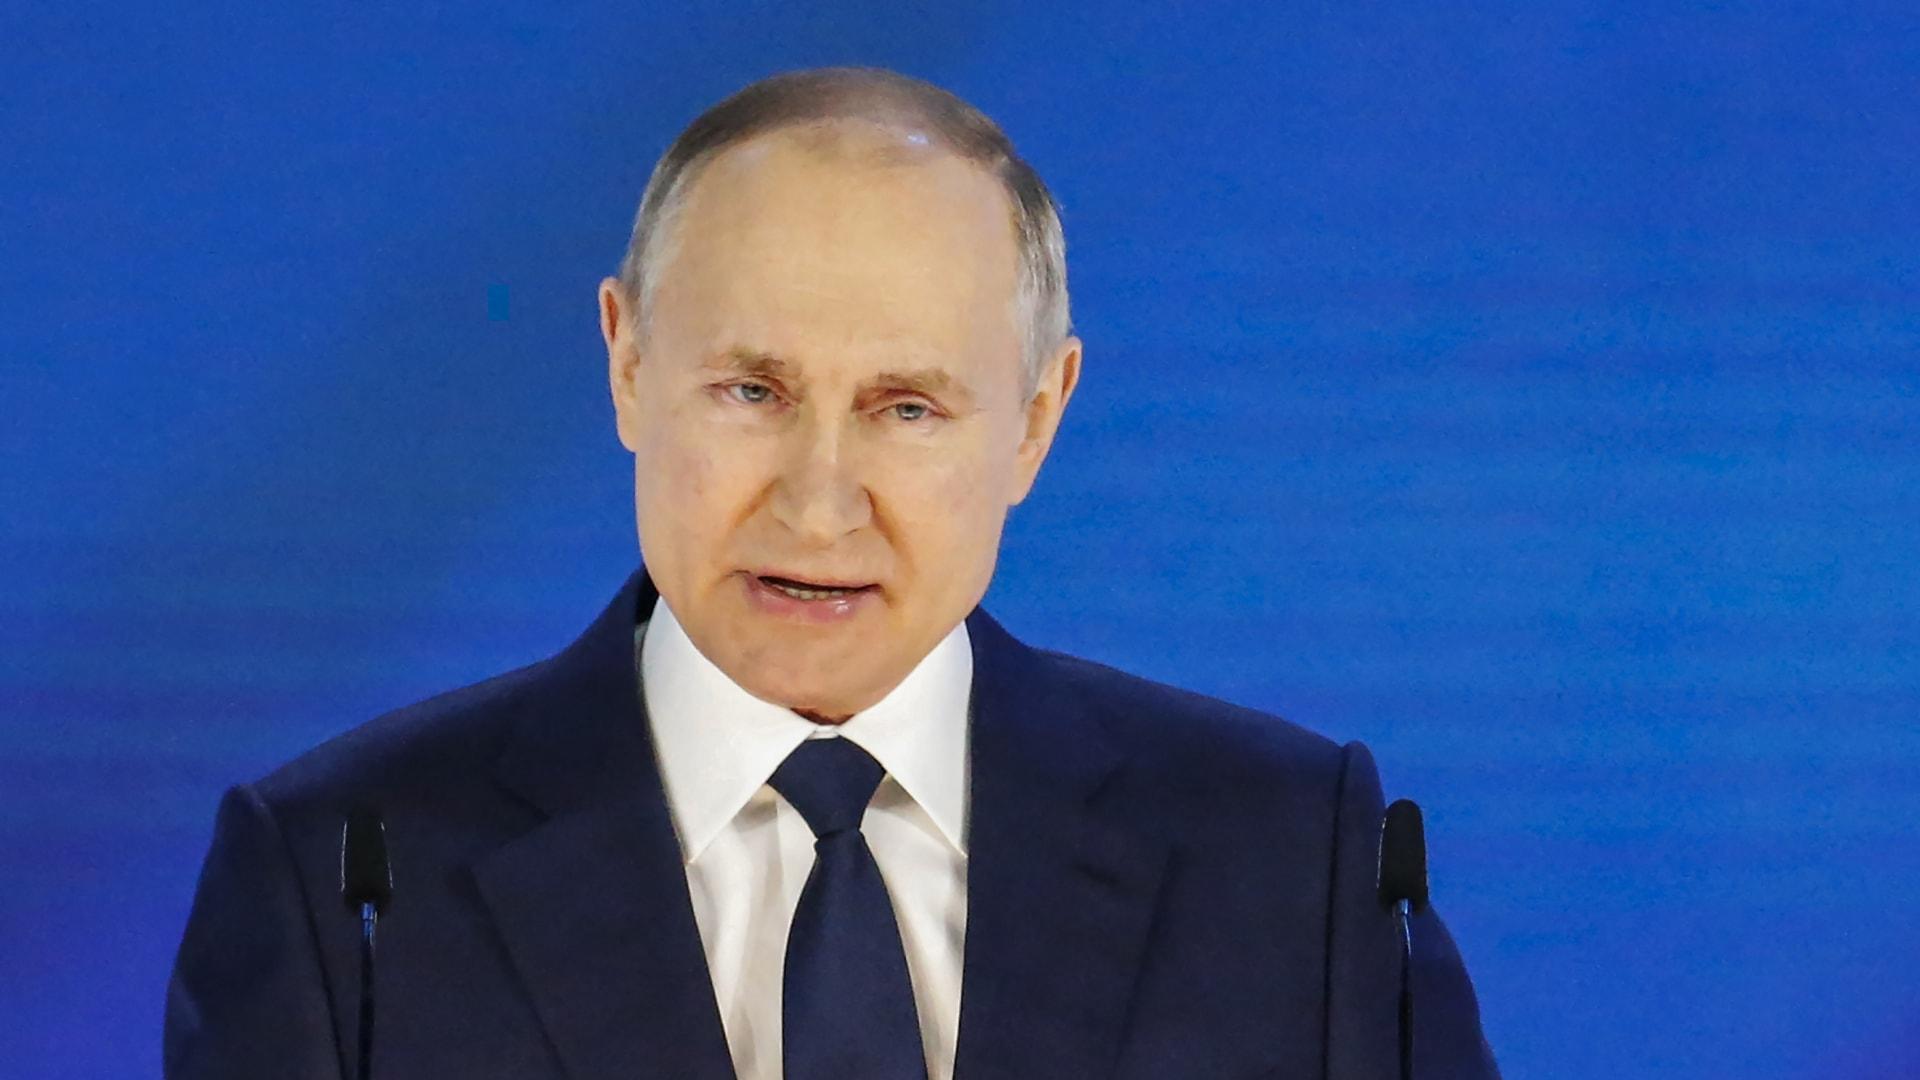 """بوتين: روسيا دولة """"مرحّبة ومنفتحة للصداقة"""".. وآمل ألا تعبر أي دولة """"الخط الأحمر"""""""